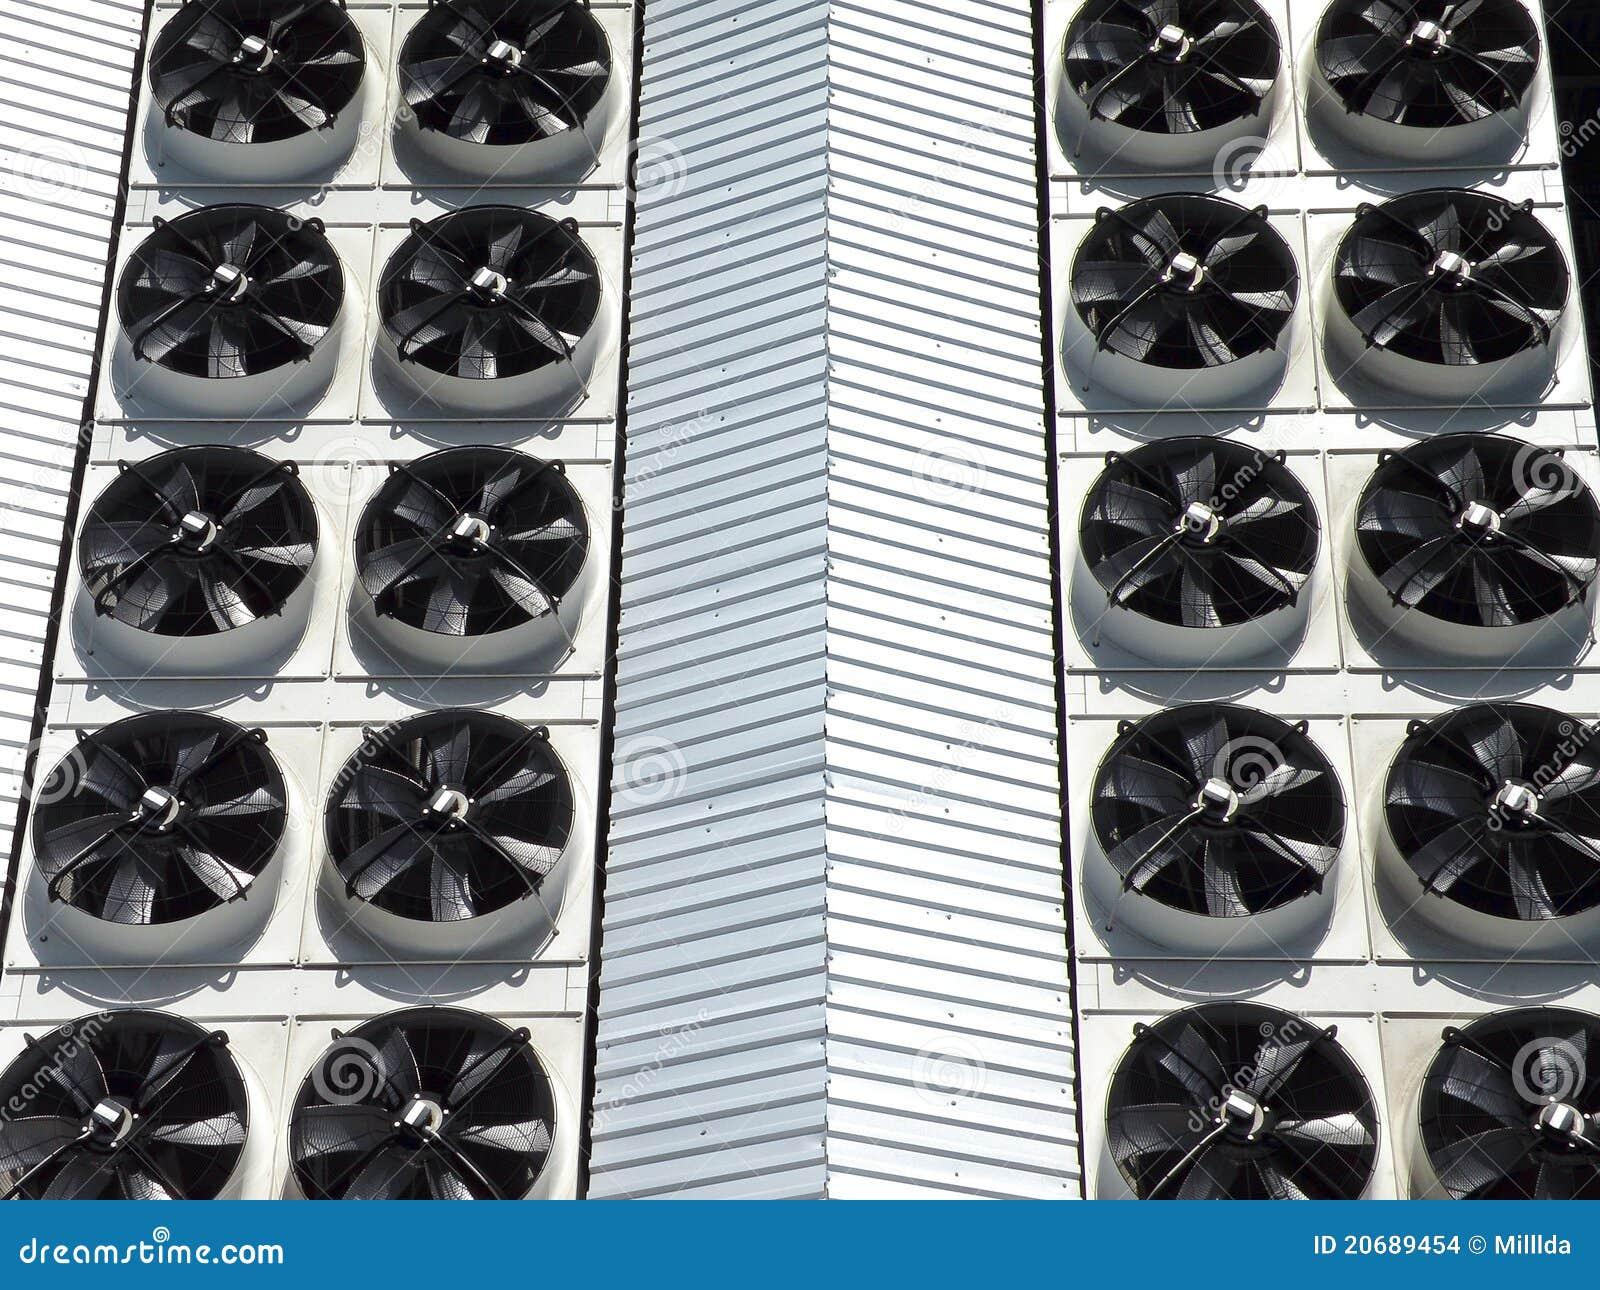 Ventiladores industriales foto de archivo imagen de equipo 20689454 - Fotos de ventiladores ...